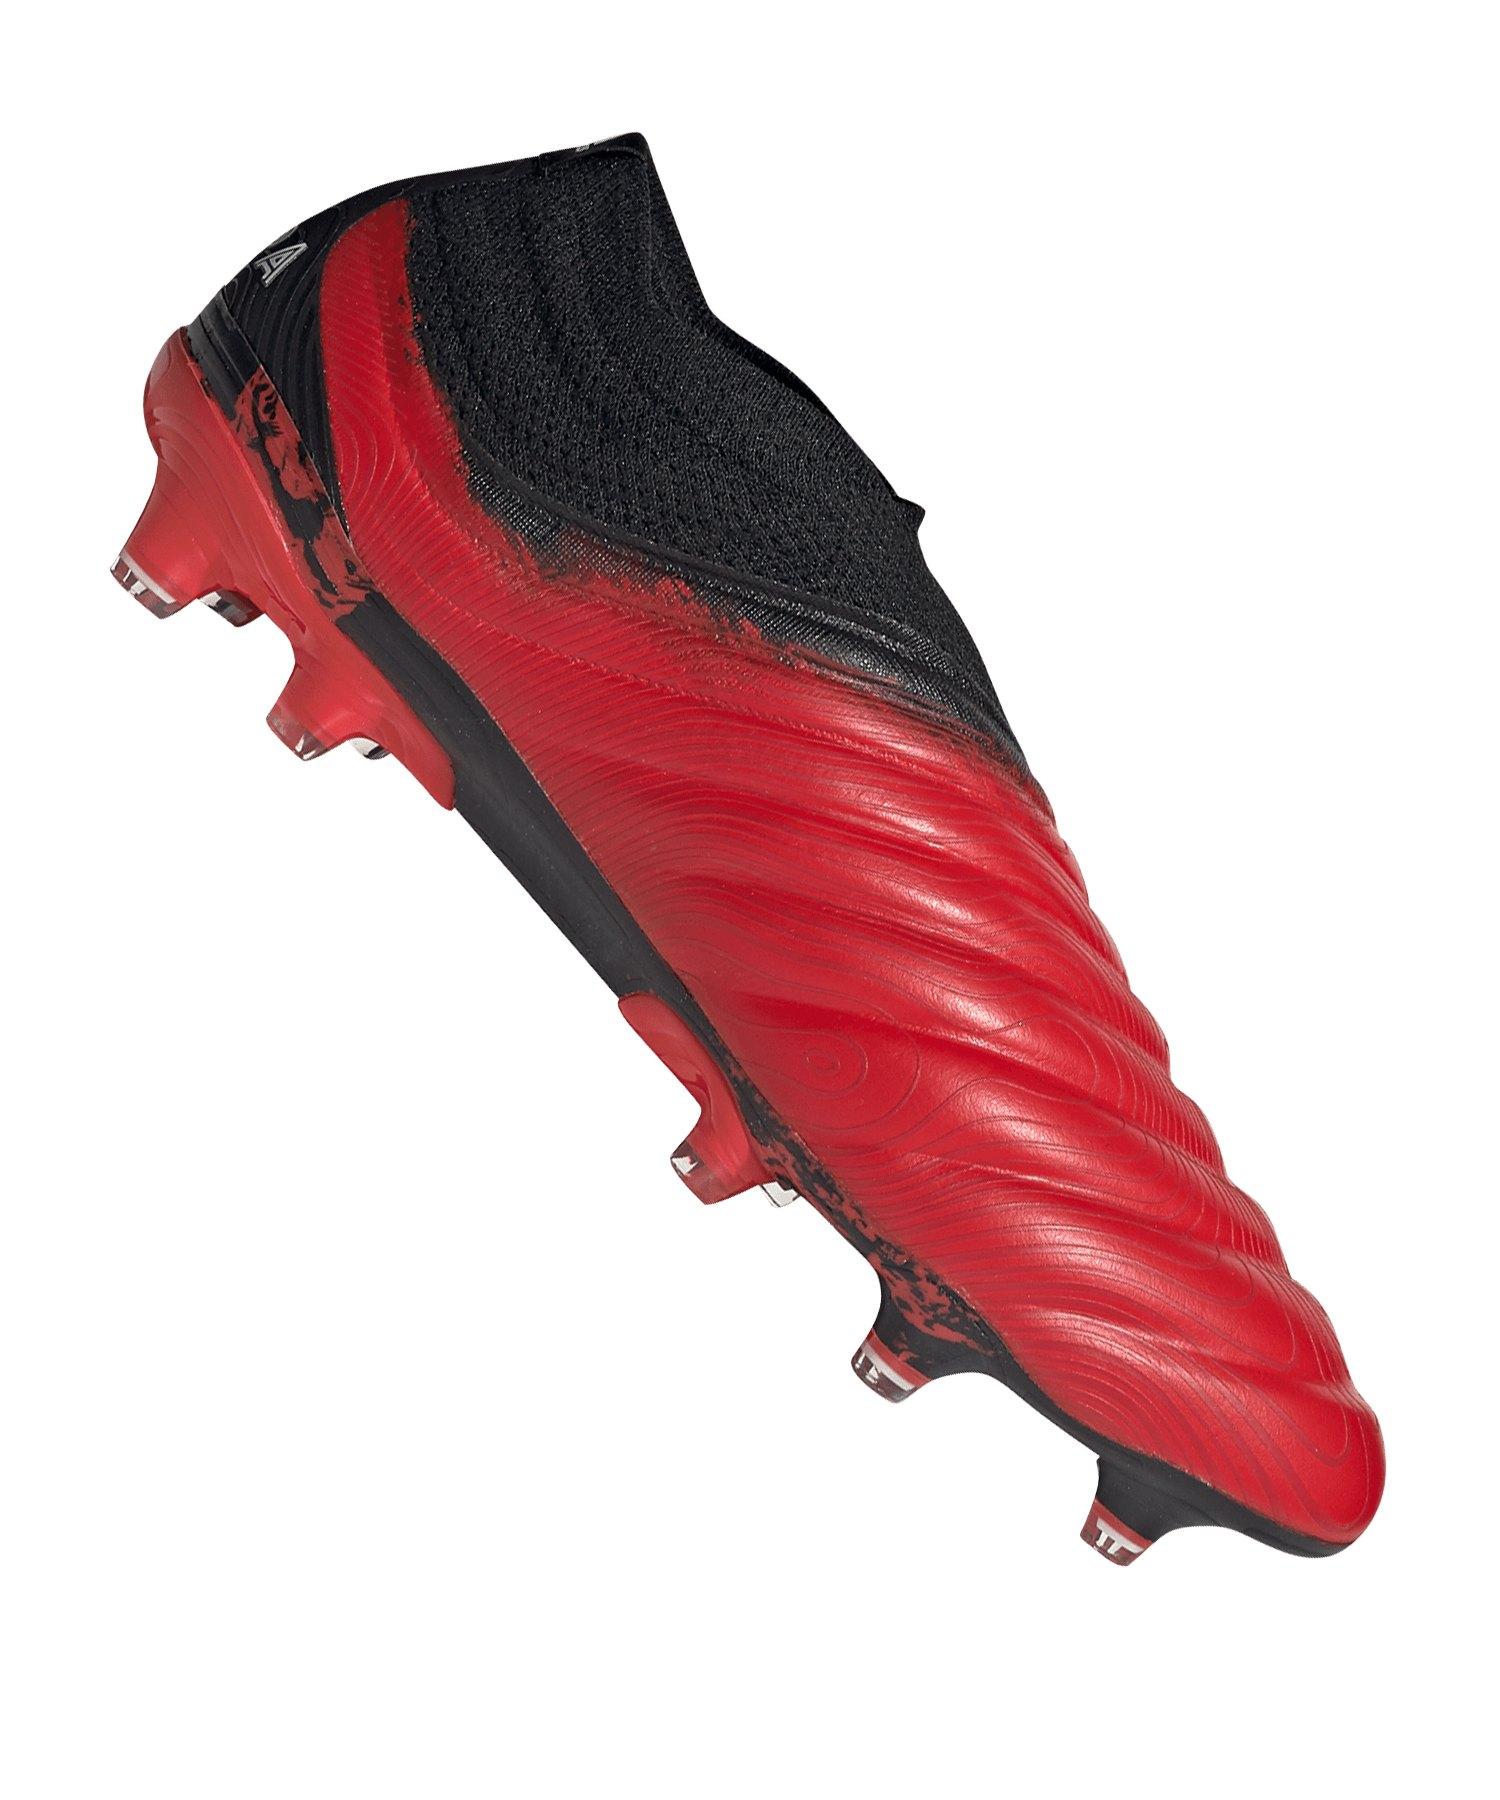 adidas COPA 20+ FG Rot Schwarz